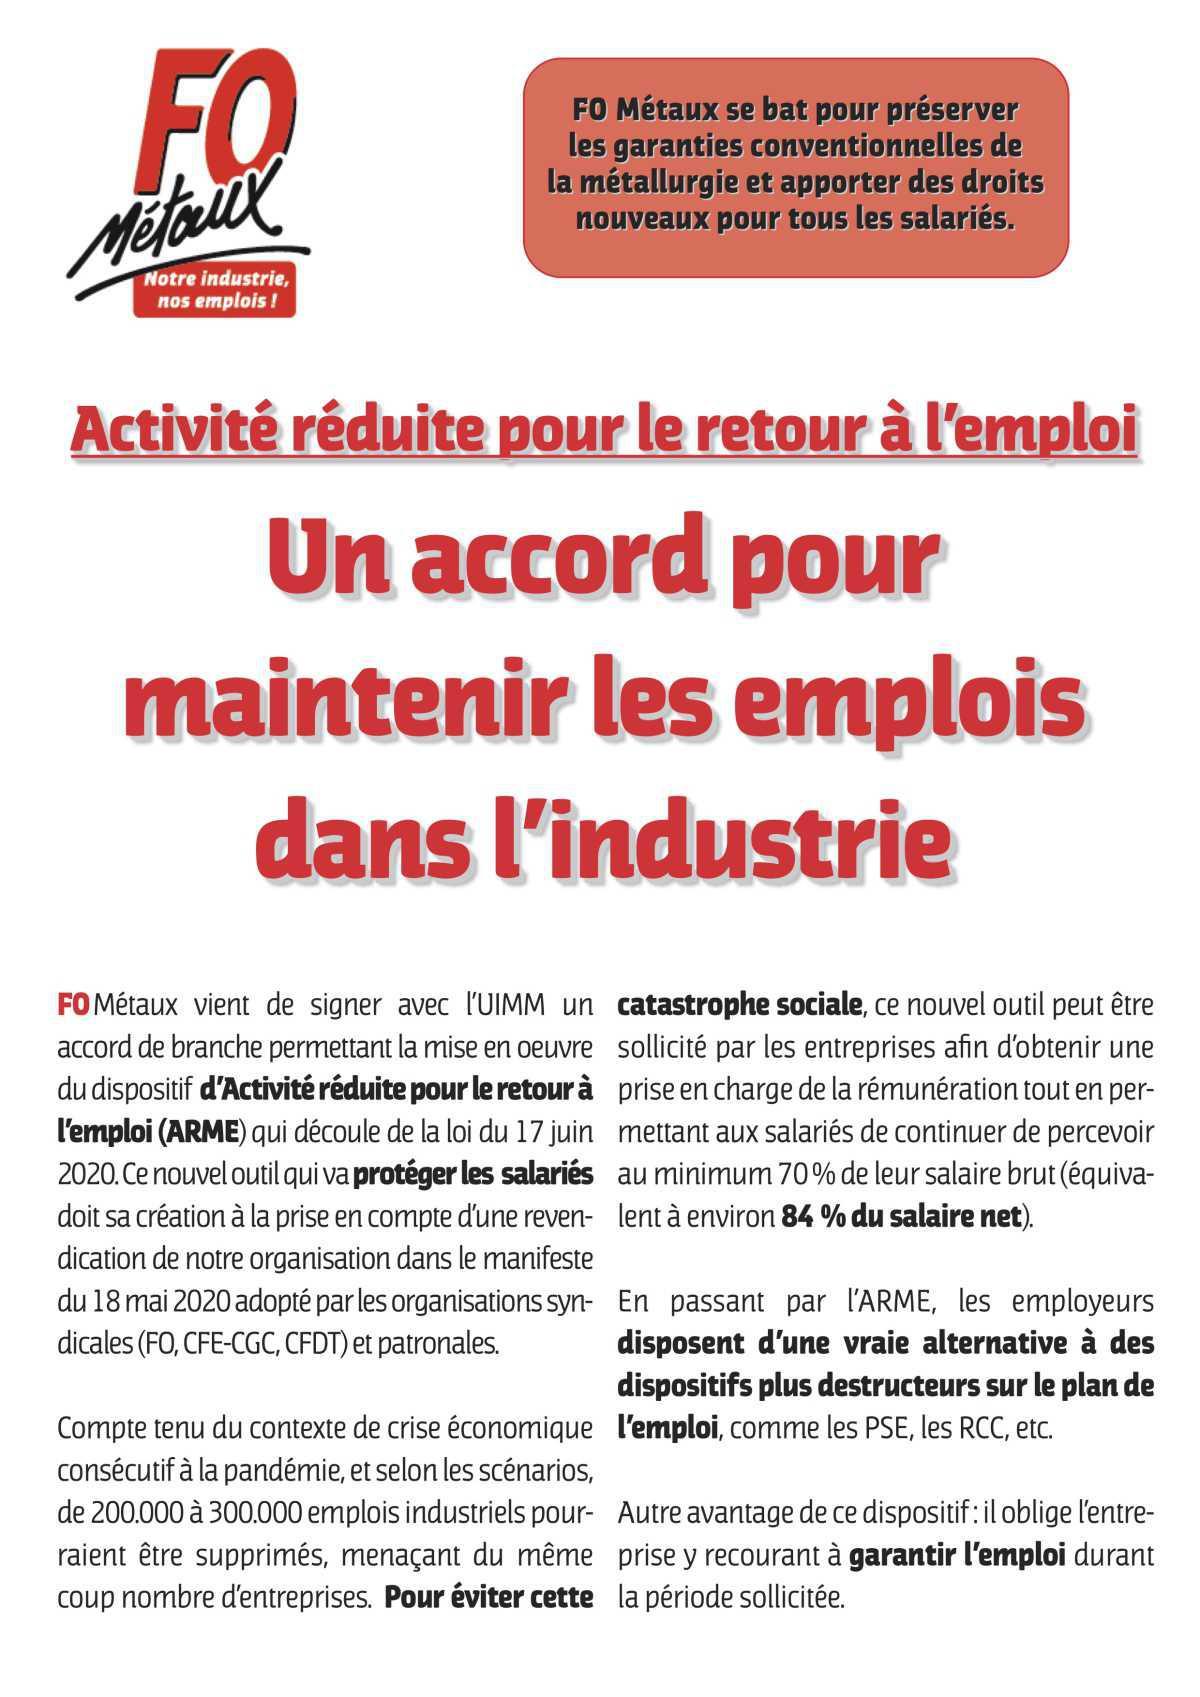 ARME pour maintenir les emplois dans l'industrie